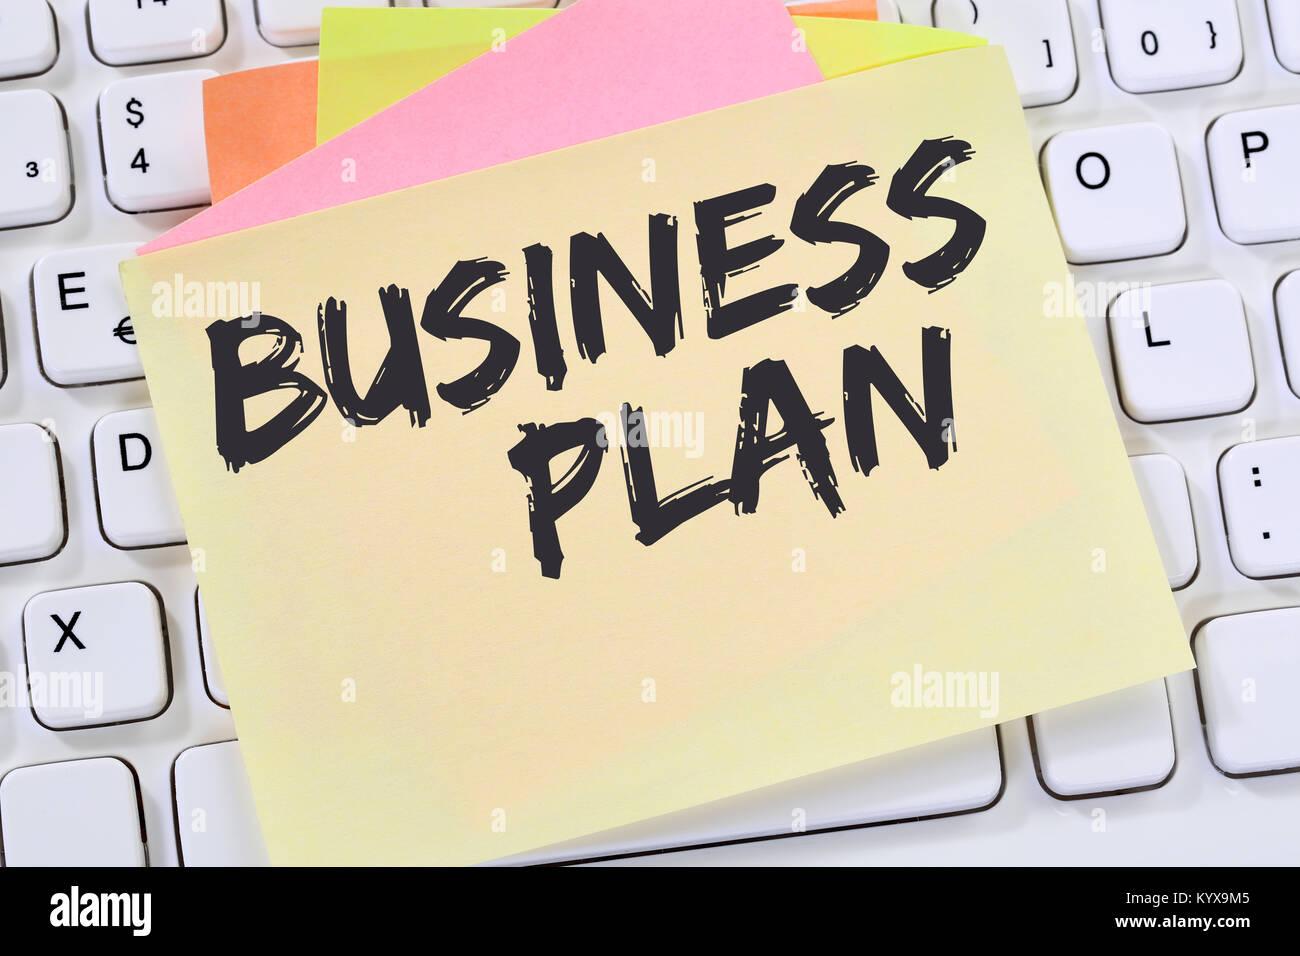 Business plan strategia di analisi del concetto di successo nota società carta della tastiera del computer Immagini Stock